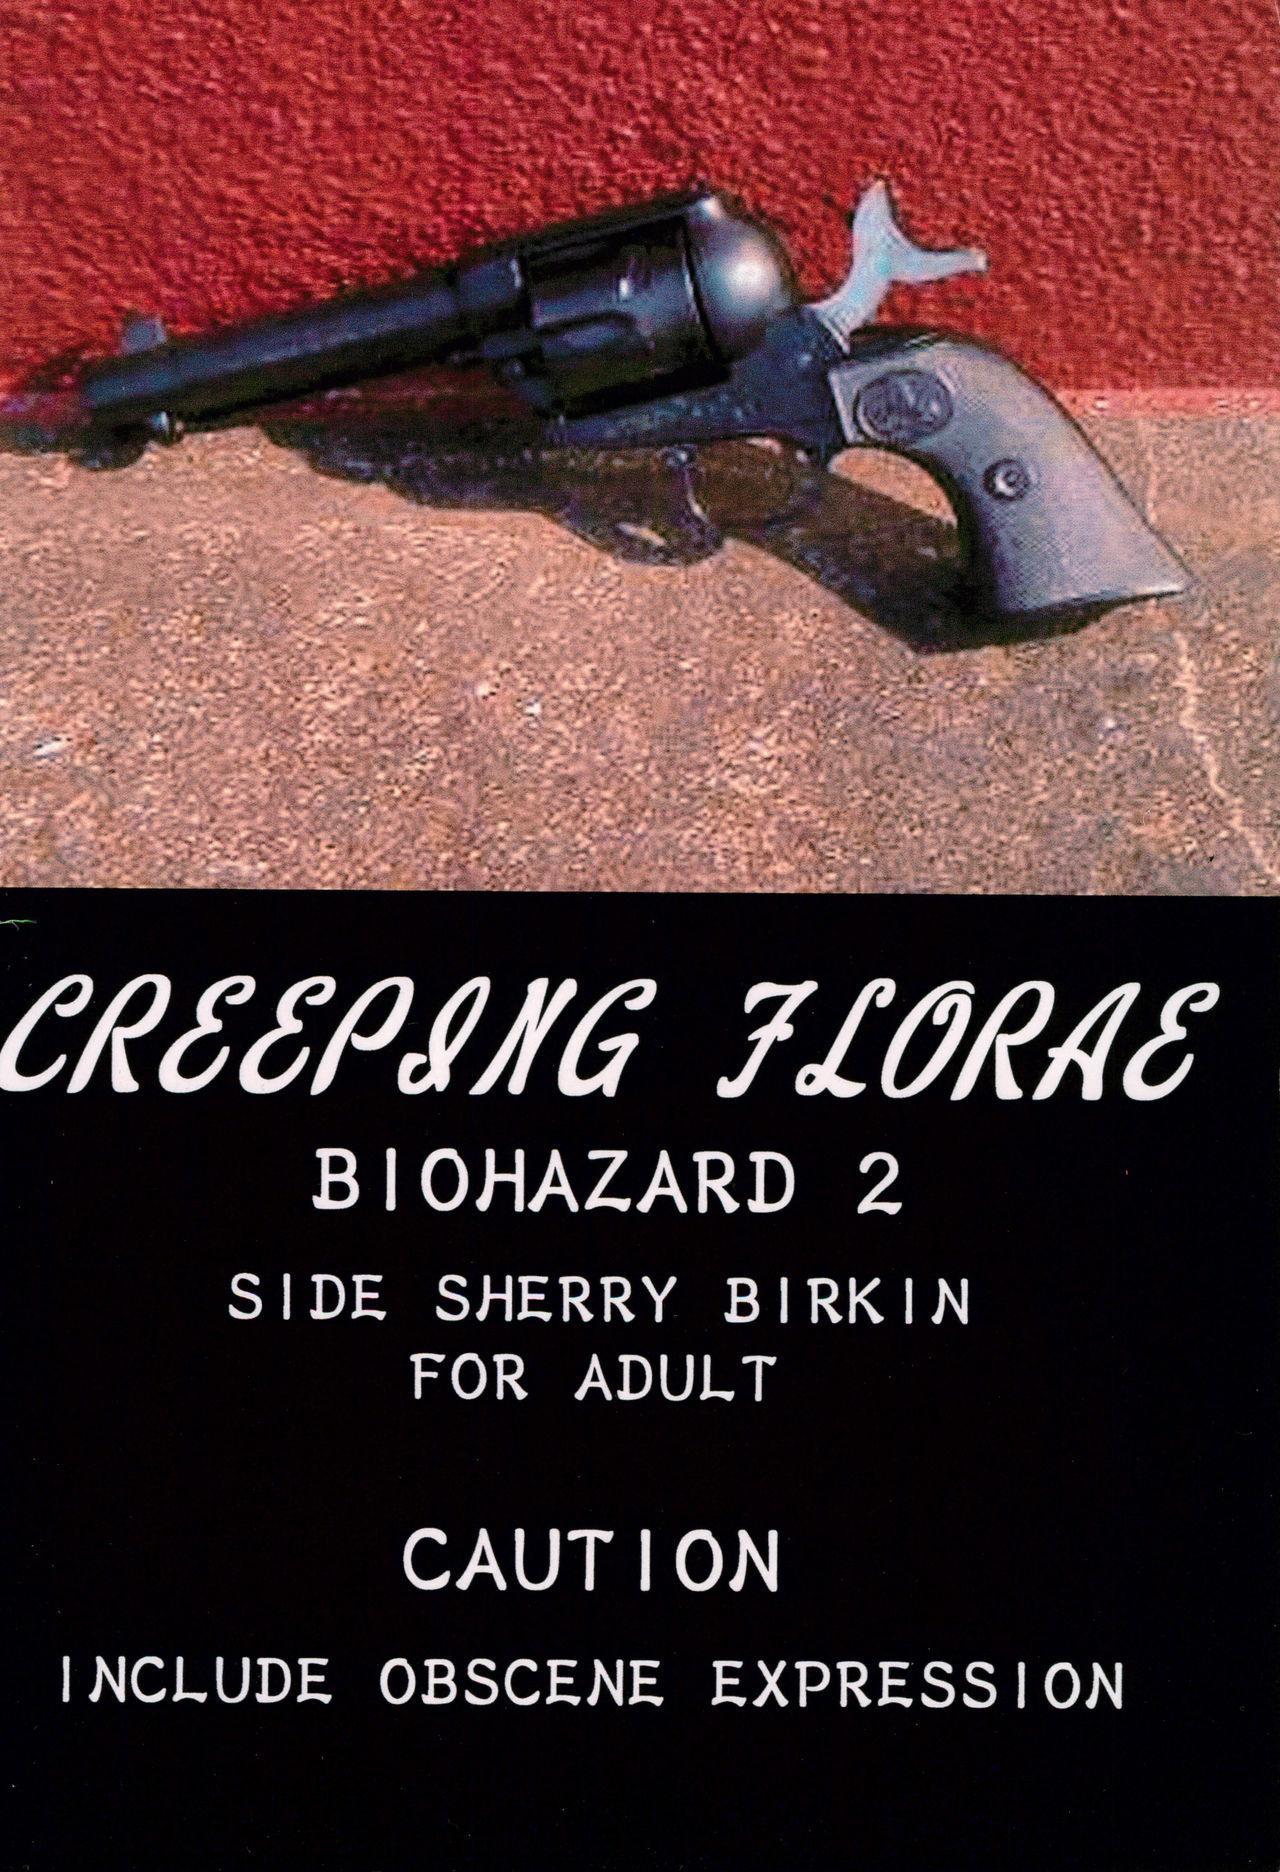 CREEPING FLORAE 27